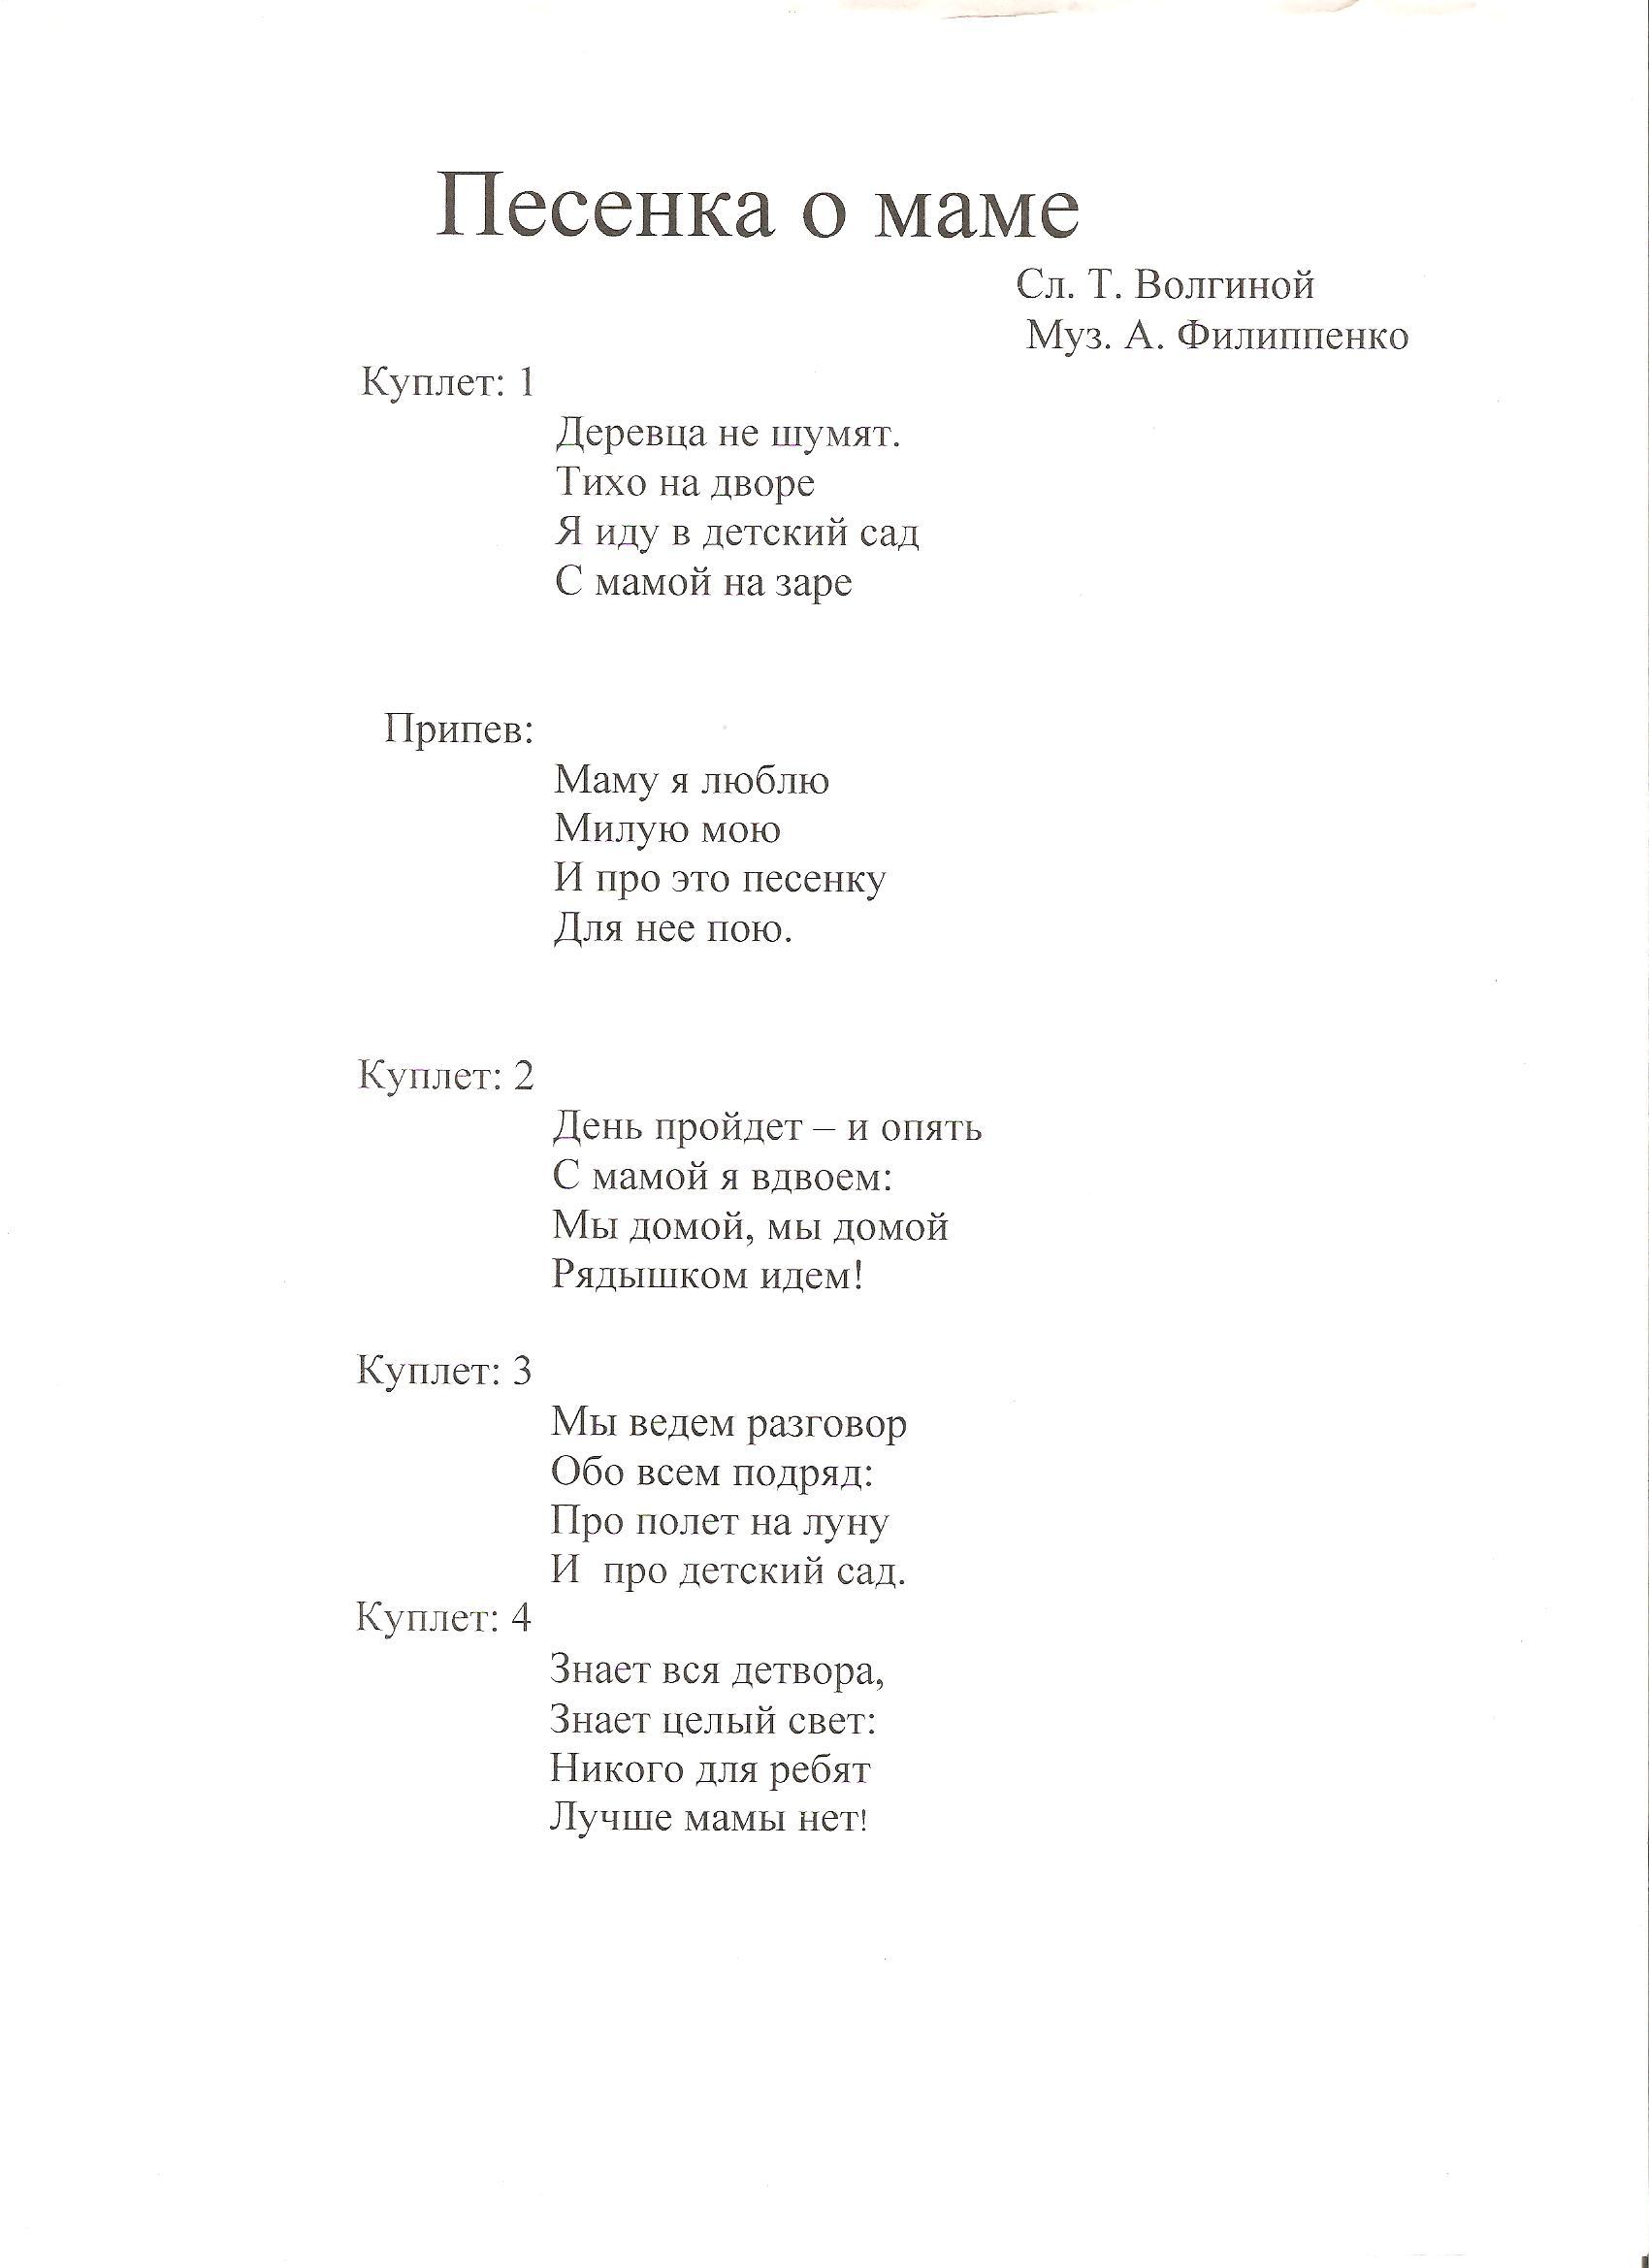 Авторская песня александра сербина 1 дорогие наши мамы вот просьба вам от сыновей, мы раньше вас так не проживаем в российской глубинке крайне небогатой жизнью.